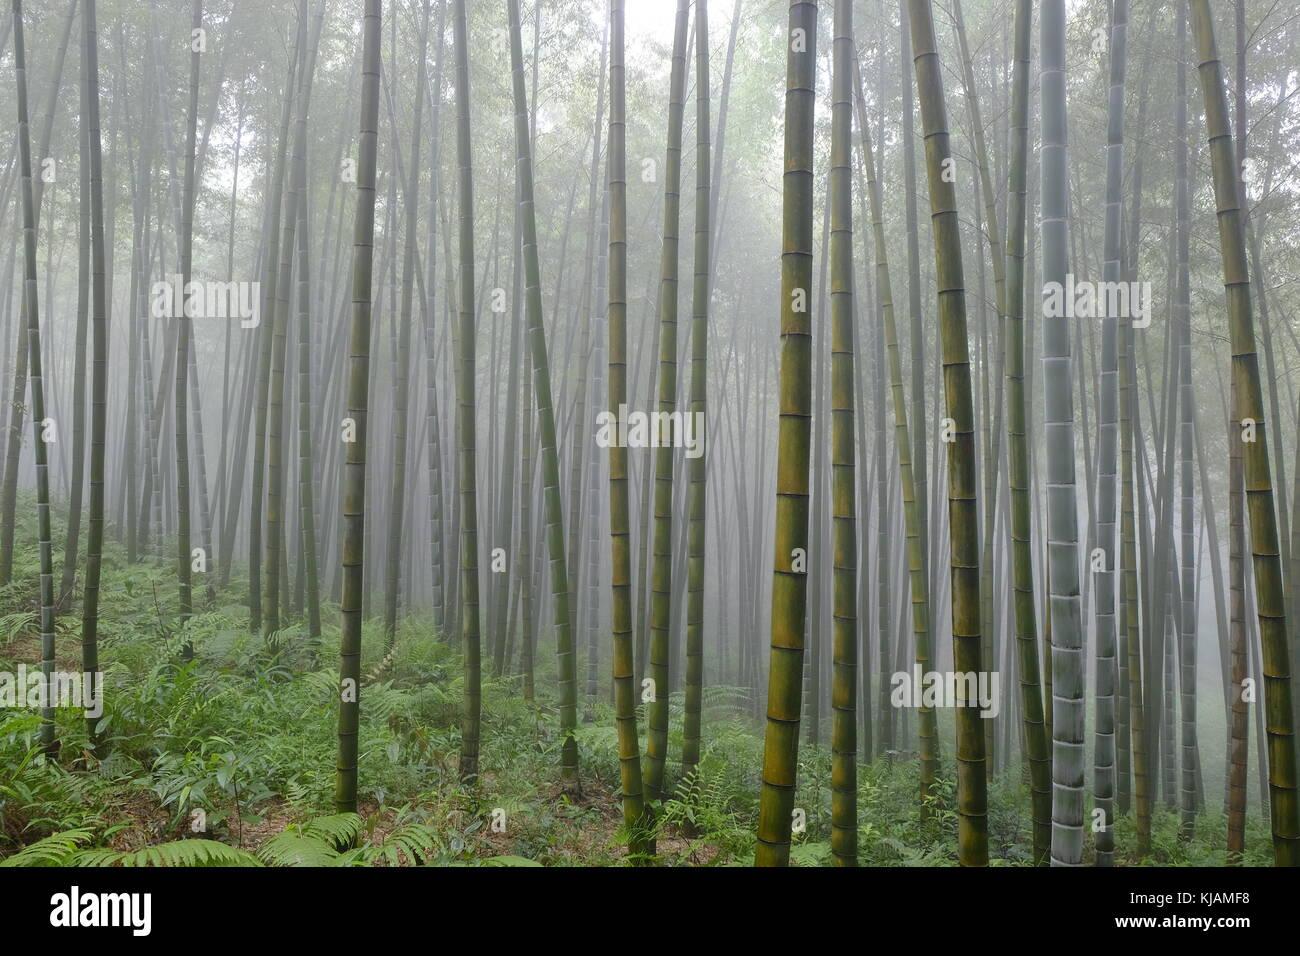 Bosco Di Bamb.Paesaggio Di Nebbia Foto Al Shunan Bosco Di Bambu In Cina